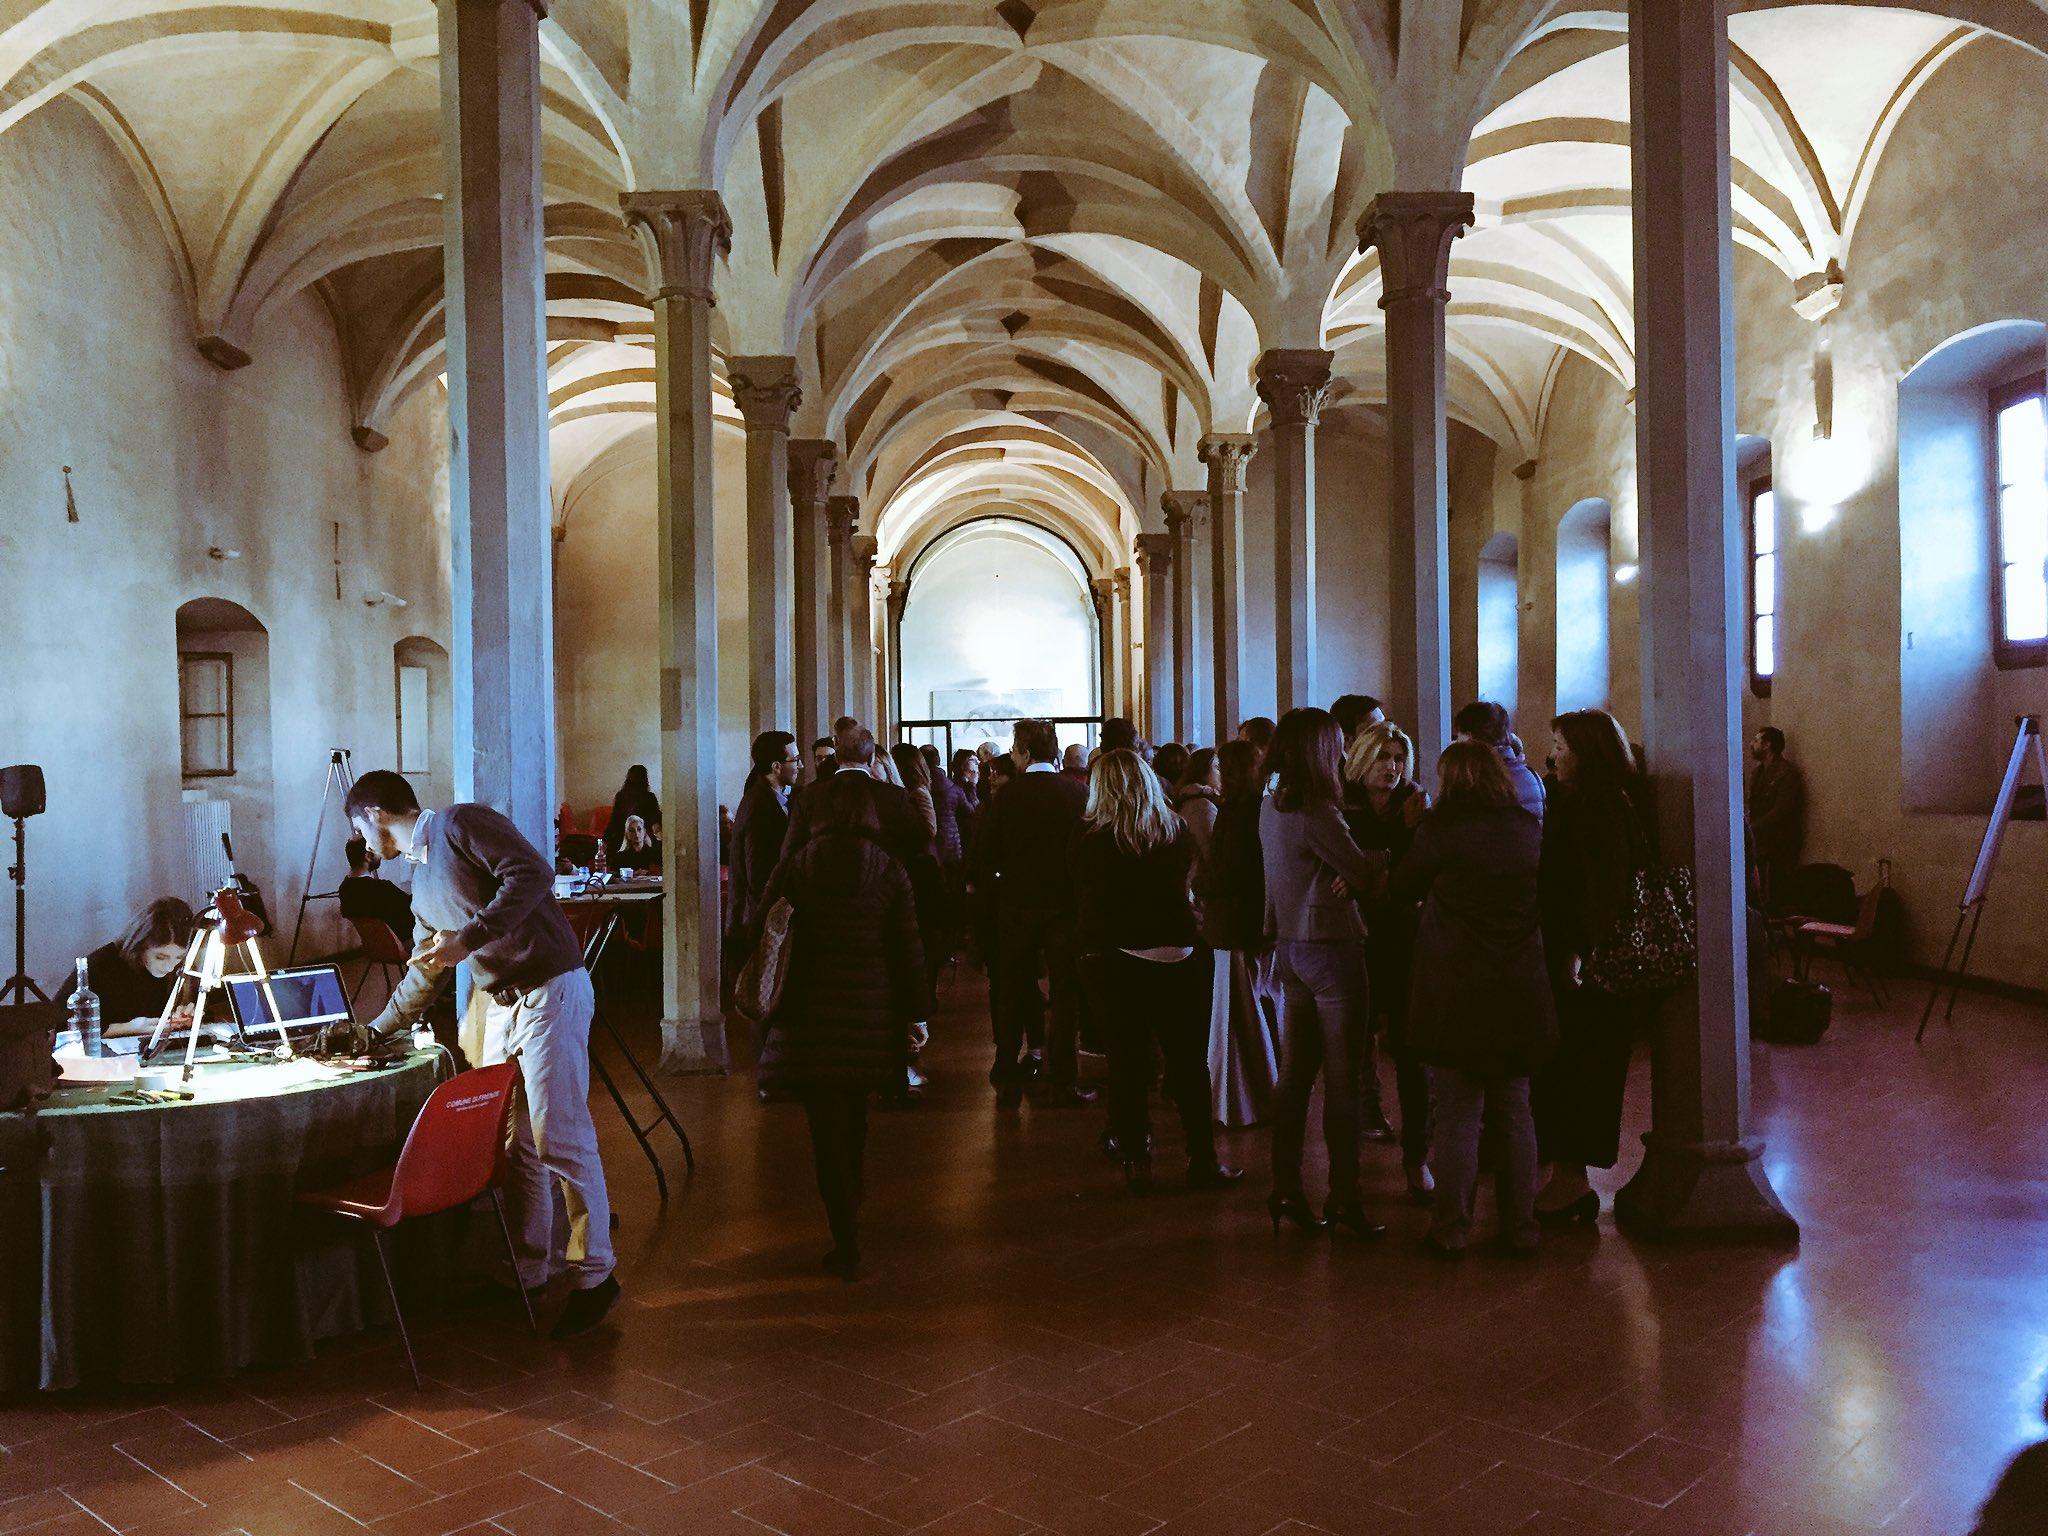 Musei, teatro, arti visive, biblioteche, eventi, comunicazione: come si fa impatto grazie alla #culturafirenze? #maratonaascolto https://t.co/r39KhemOuV